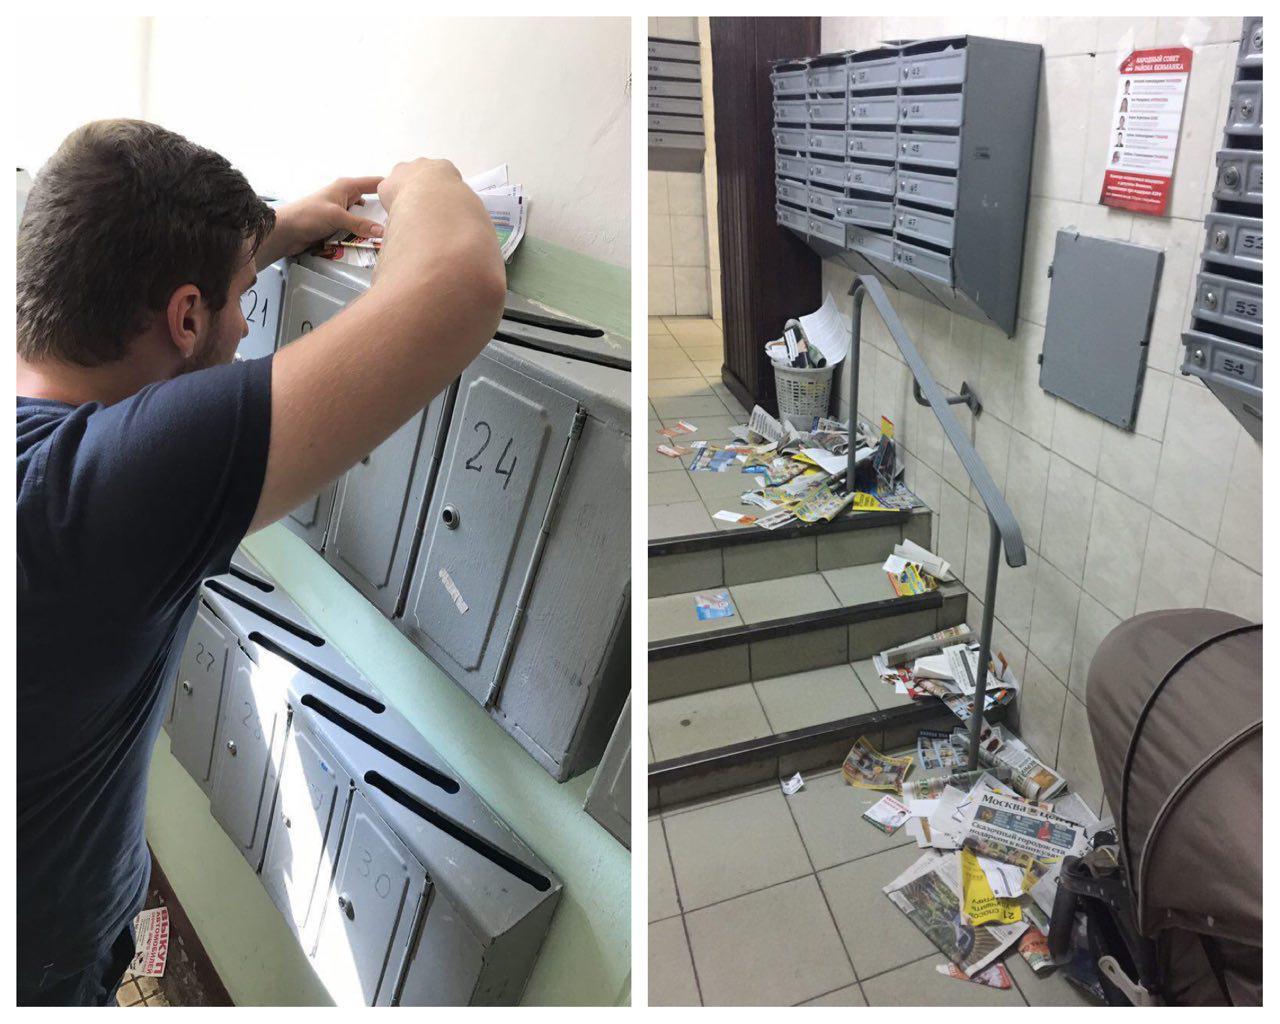 Нанятые мэрией люди изымают предвыборную агитацию оппозиции из почтовых ящиков